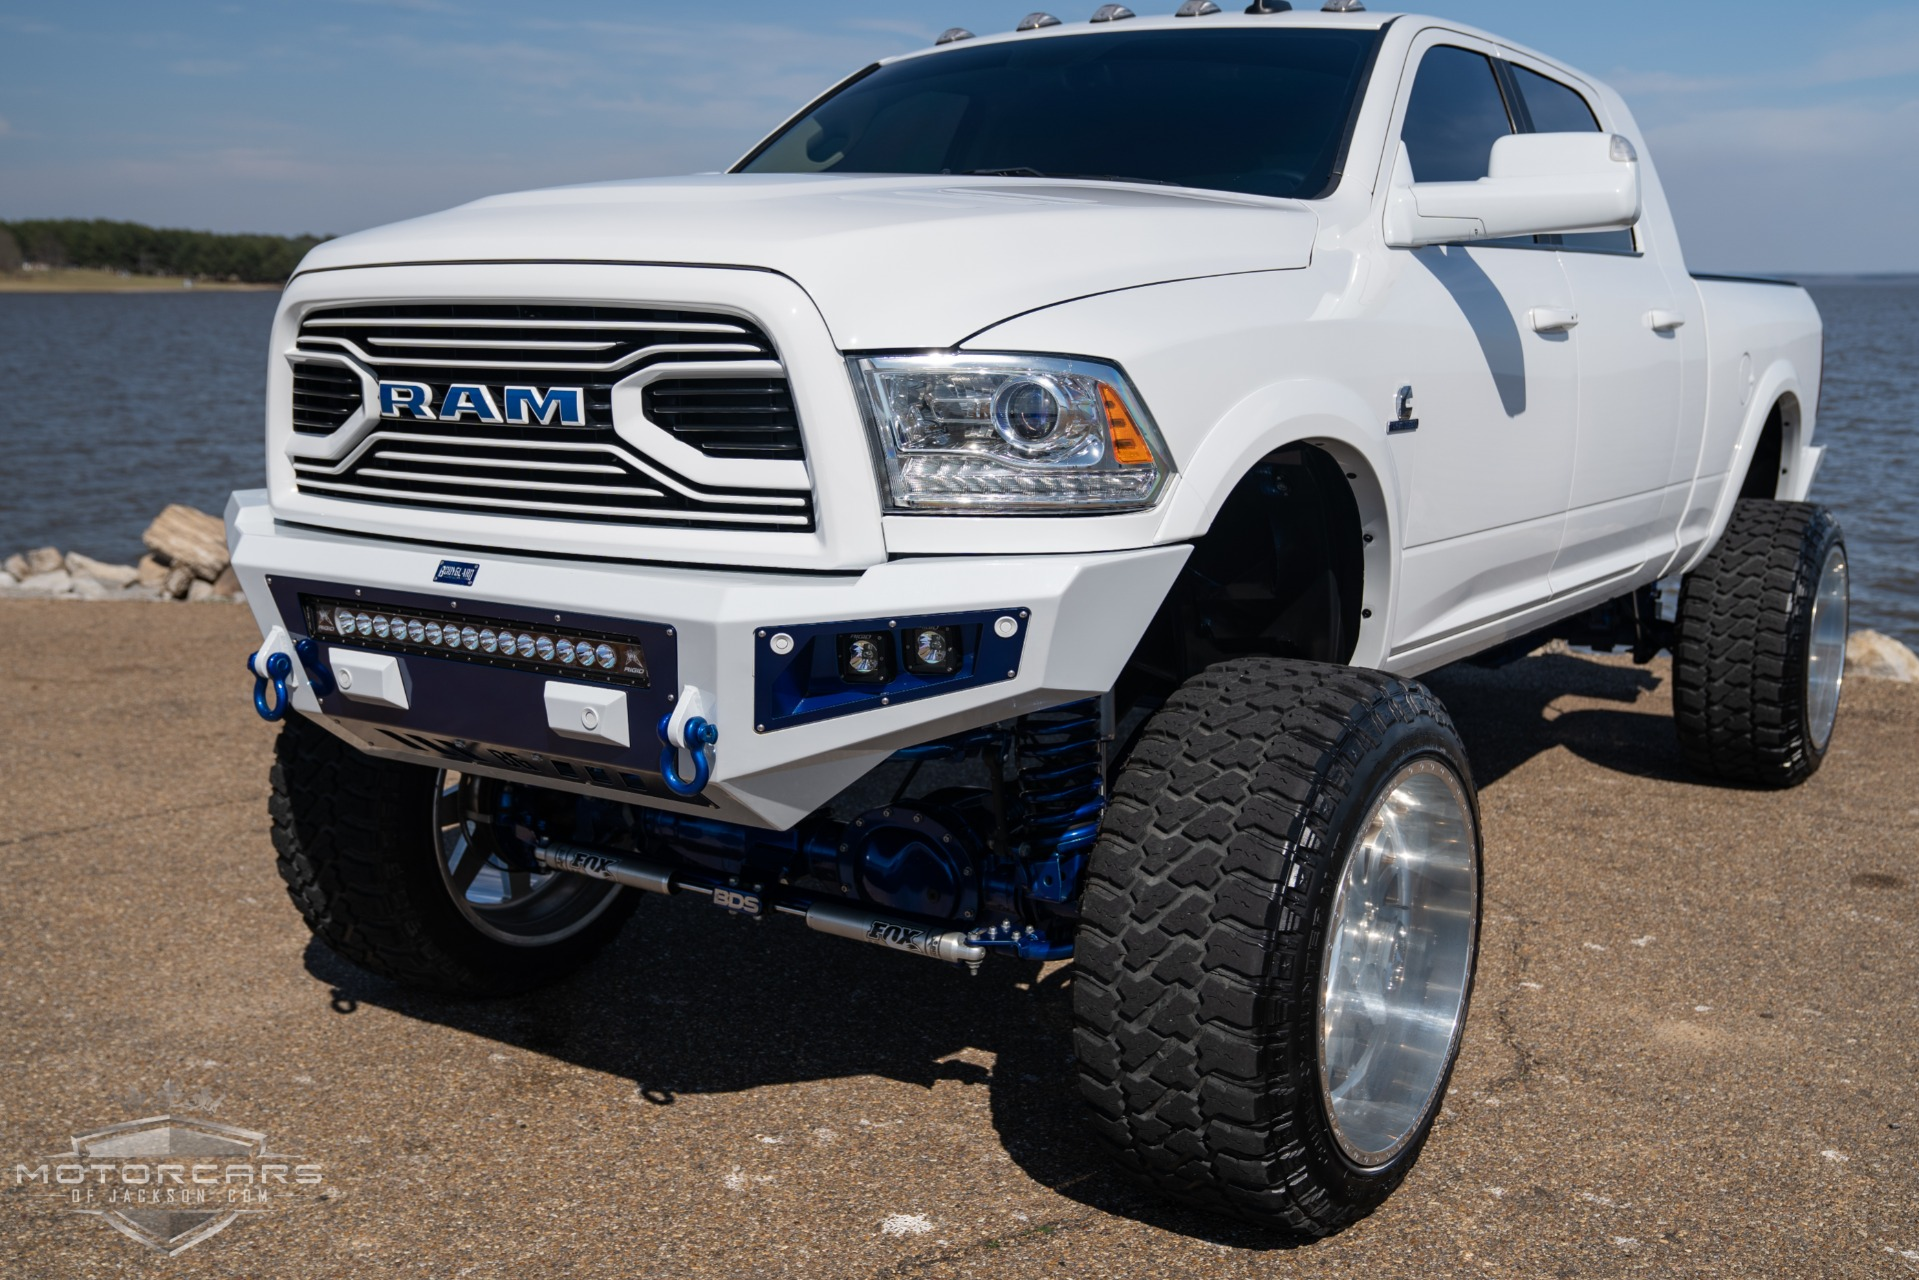 Used-2018-Ram-2500-Laramie-MegaCab-SEMA-Build-Jackson-MS